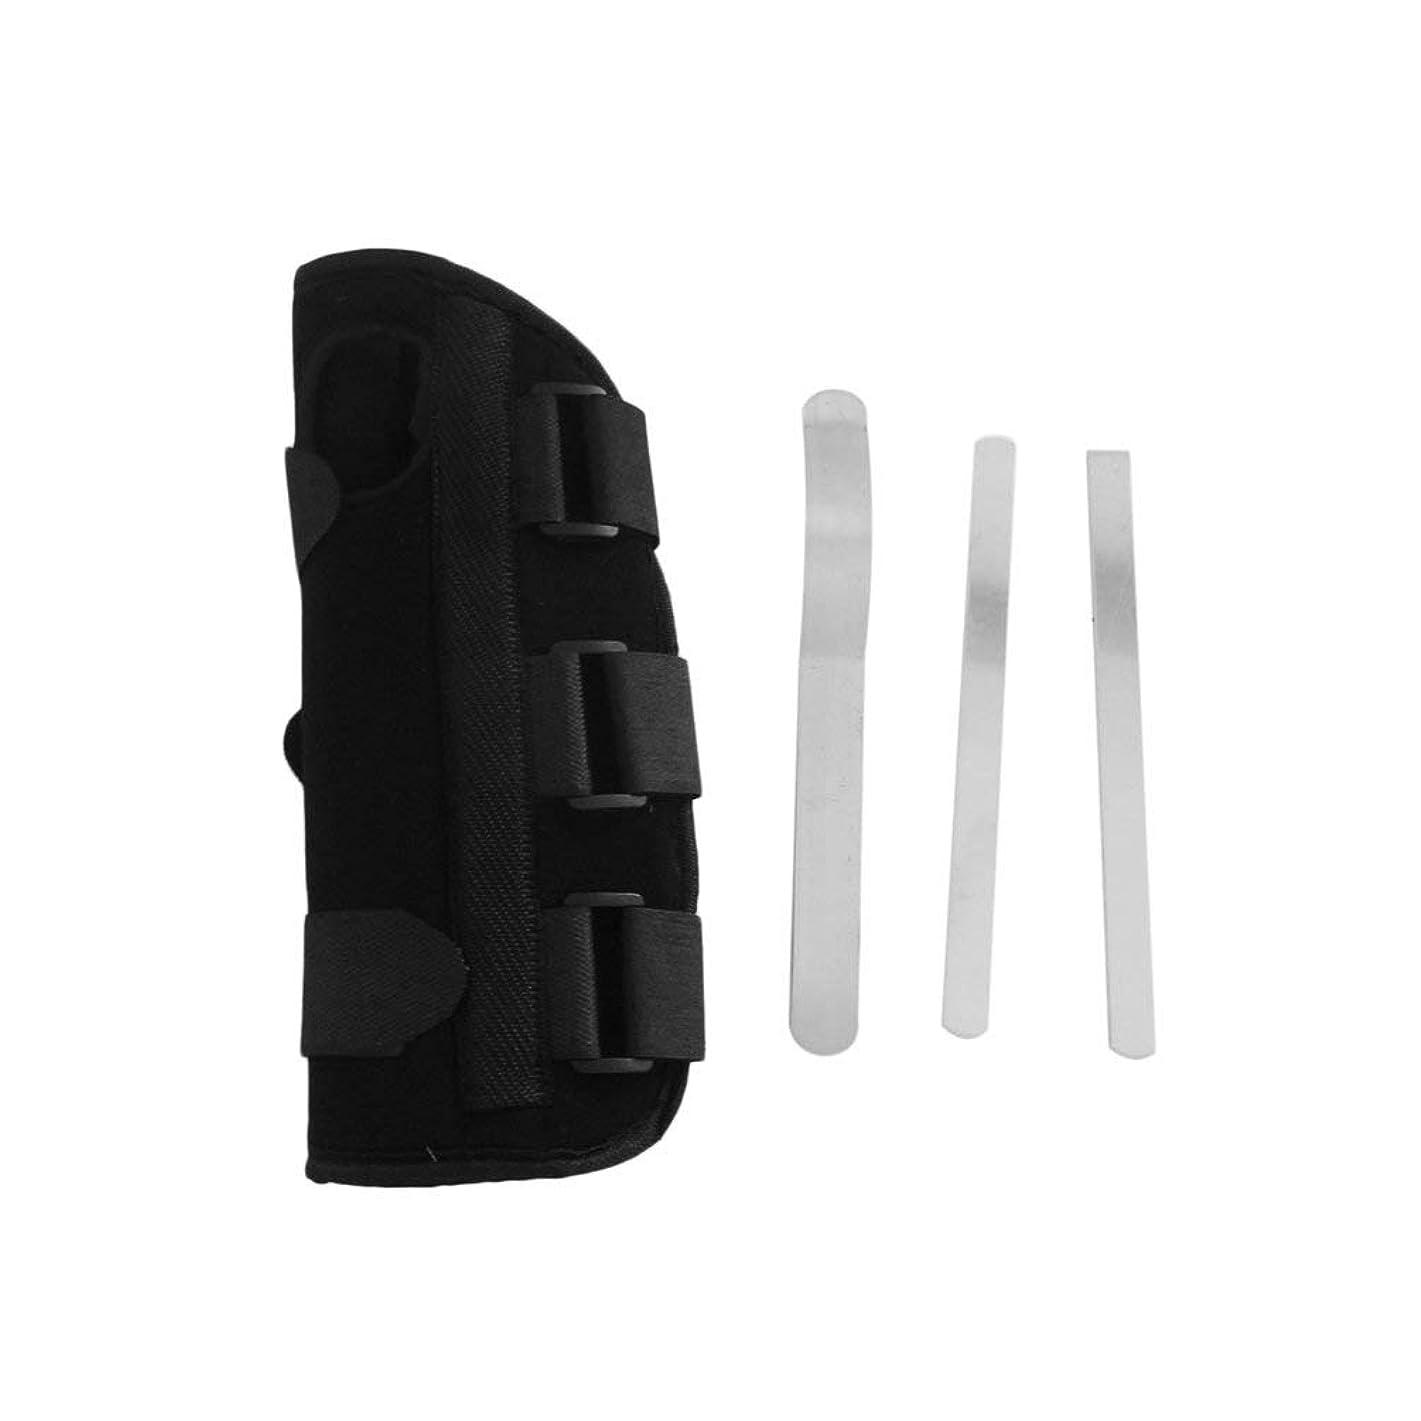 ティーンエイジャーしないエレガント手首副木ブレース保護サポートストラップカルペルトンネルCTS RSI痛み軽減リムーバブル副木快適な軽量ストラップ - ブラックM